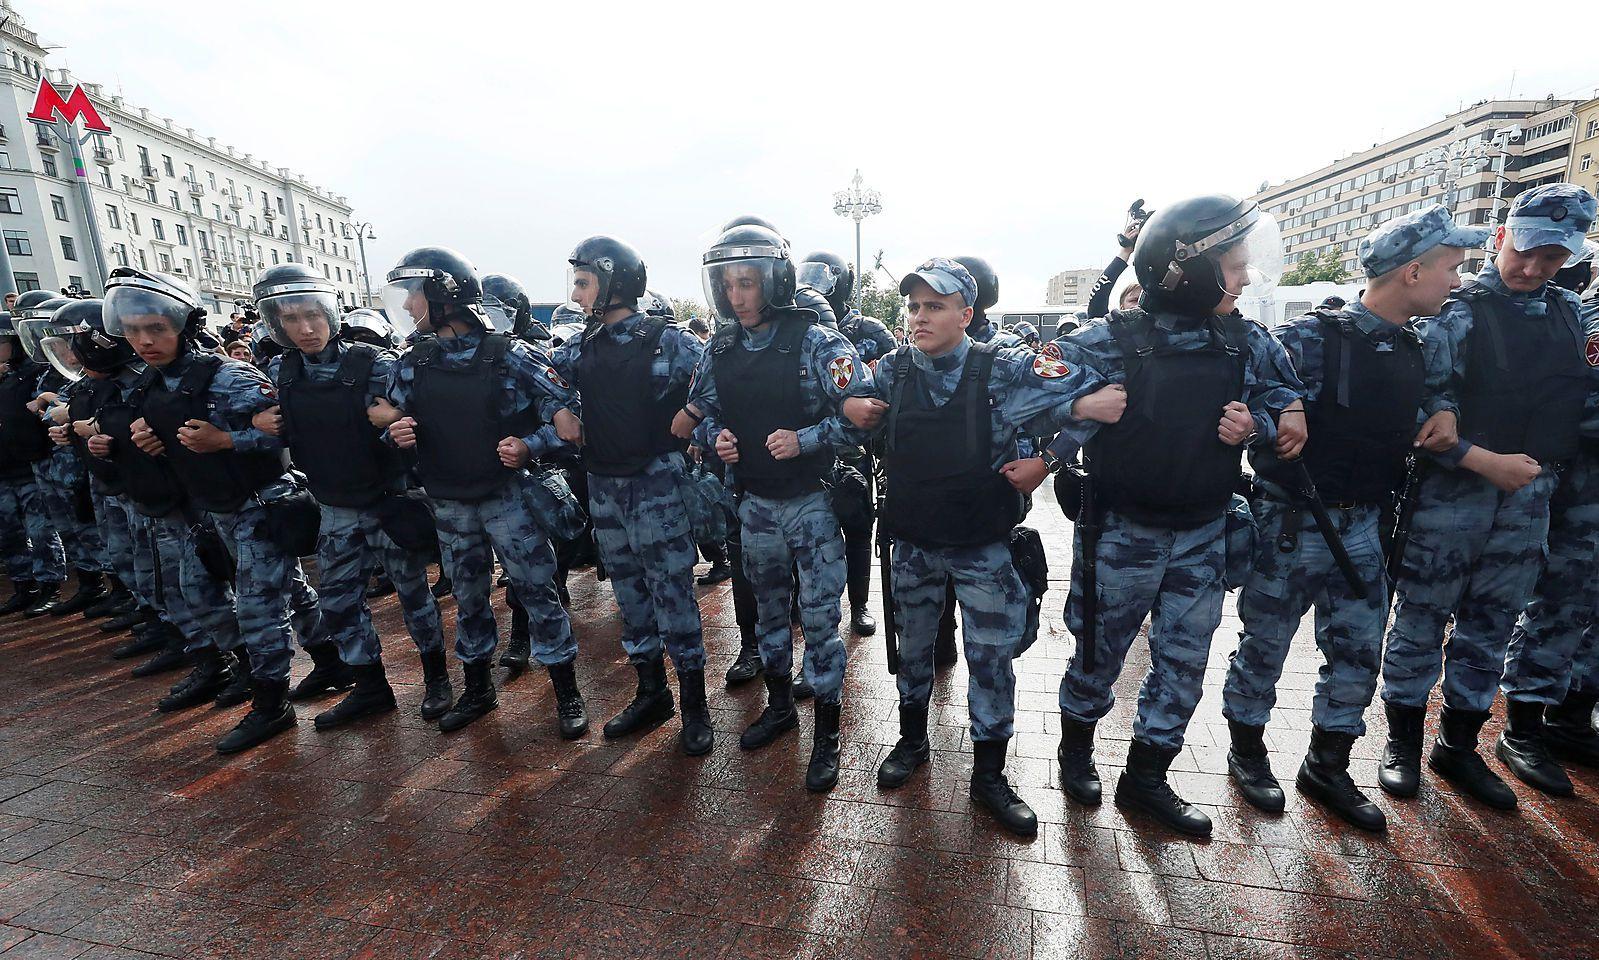 Großes Polizeiaufgebot in der russischen Hauptstadt.